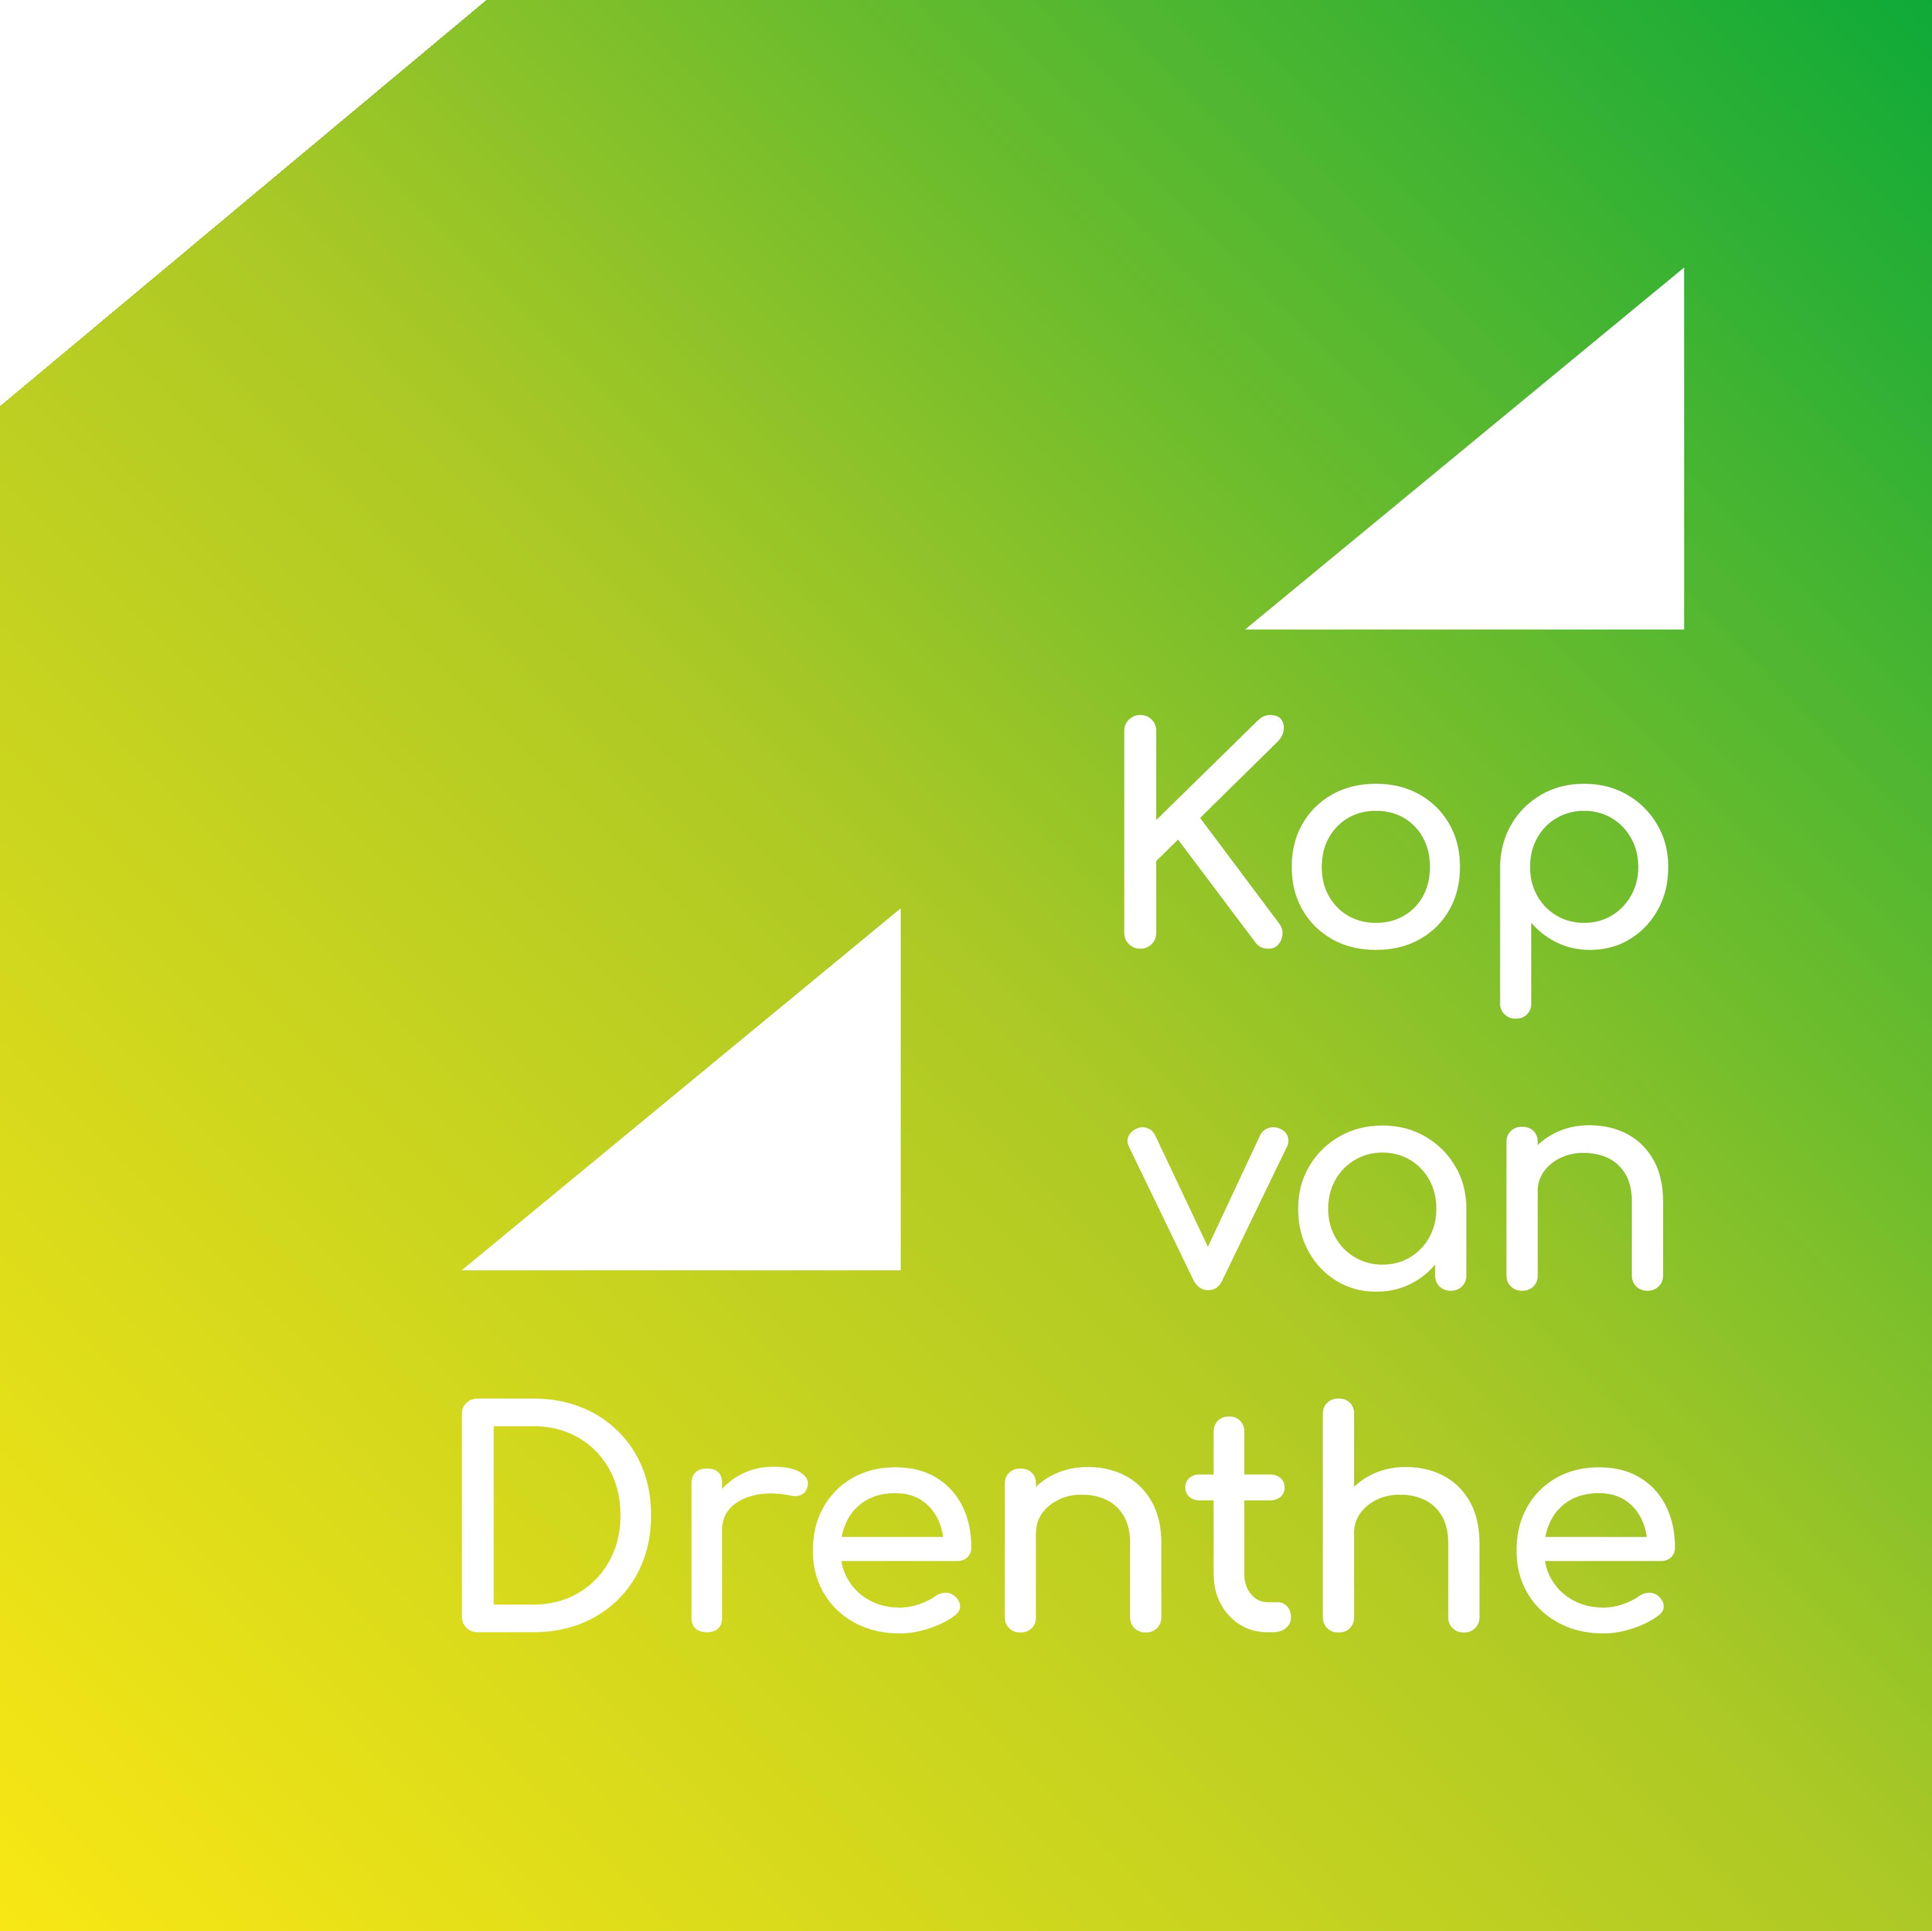 Logo stichting Kop van Drenthe